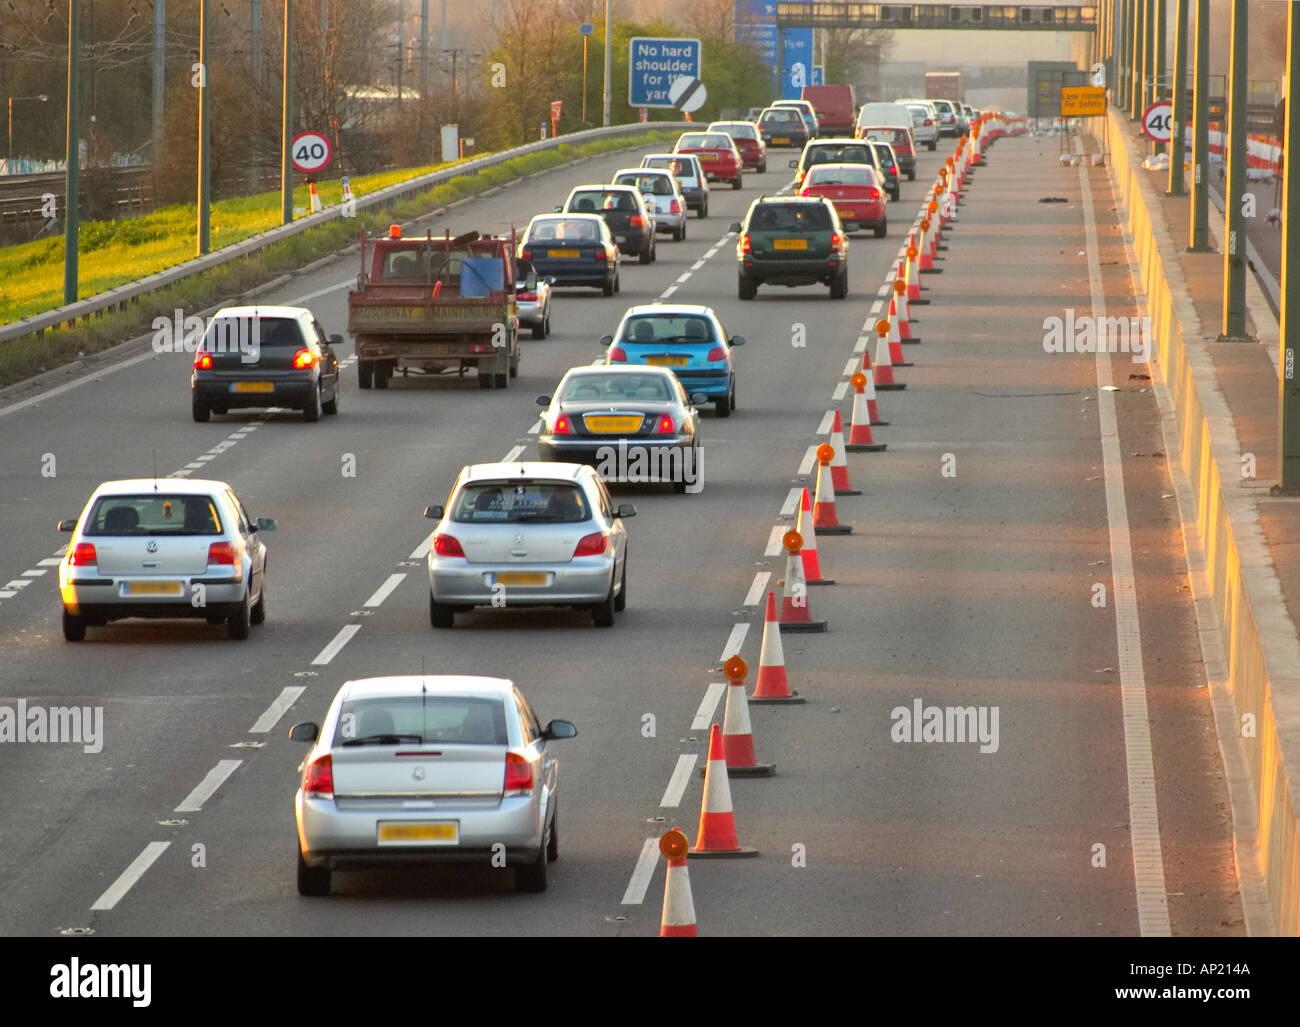 Roadworks lane closure on motorway in UK england united kingdom britain highway road repair cones lanes - Stock Image